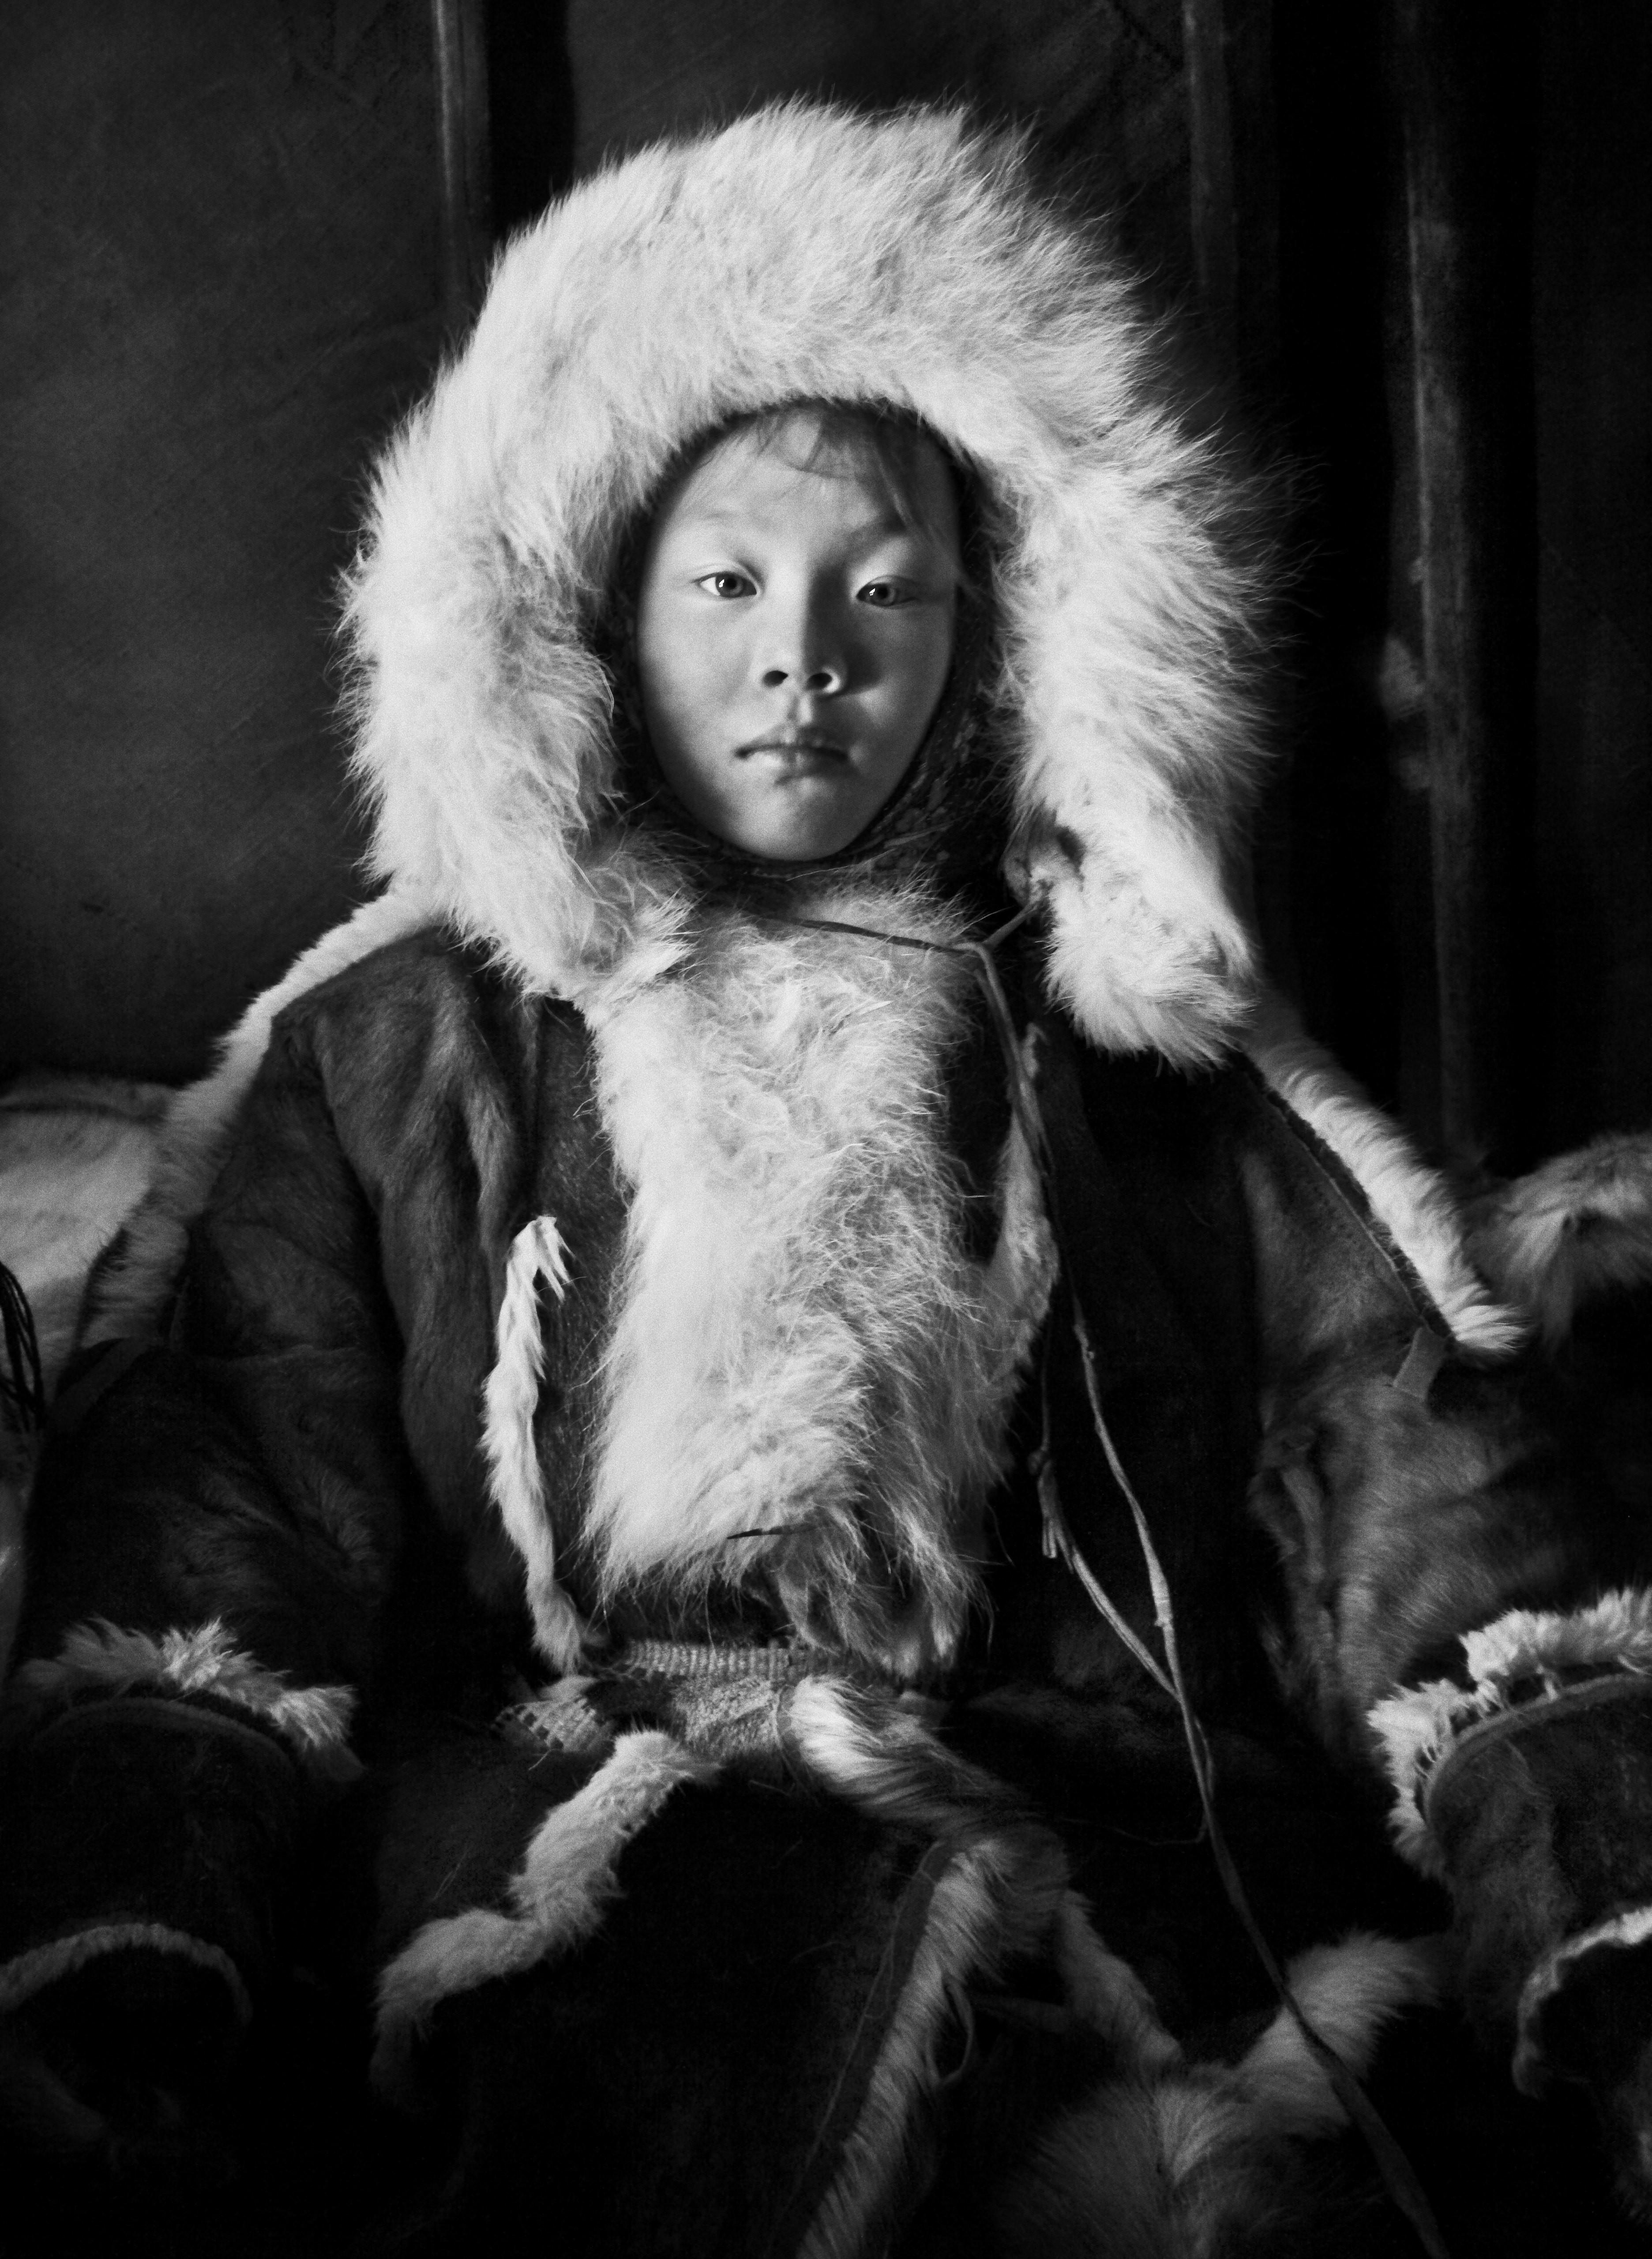 Ненецкая девочка, полуостров Ямал, Сибирь, Россия, 2011. Автор Себастьян Сальгадо